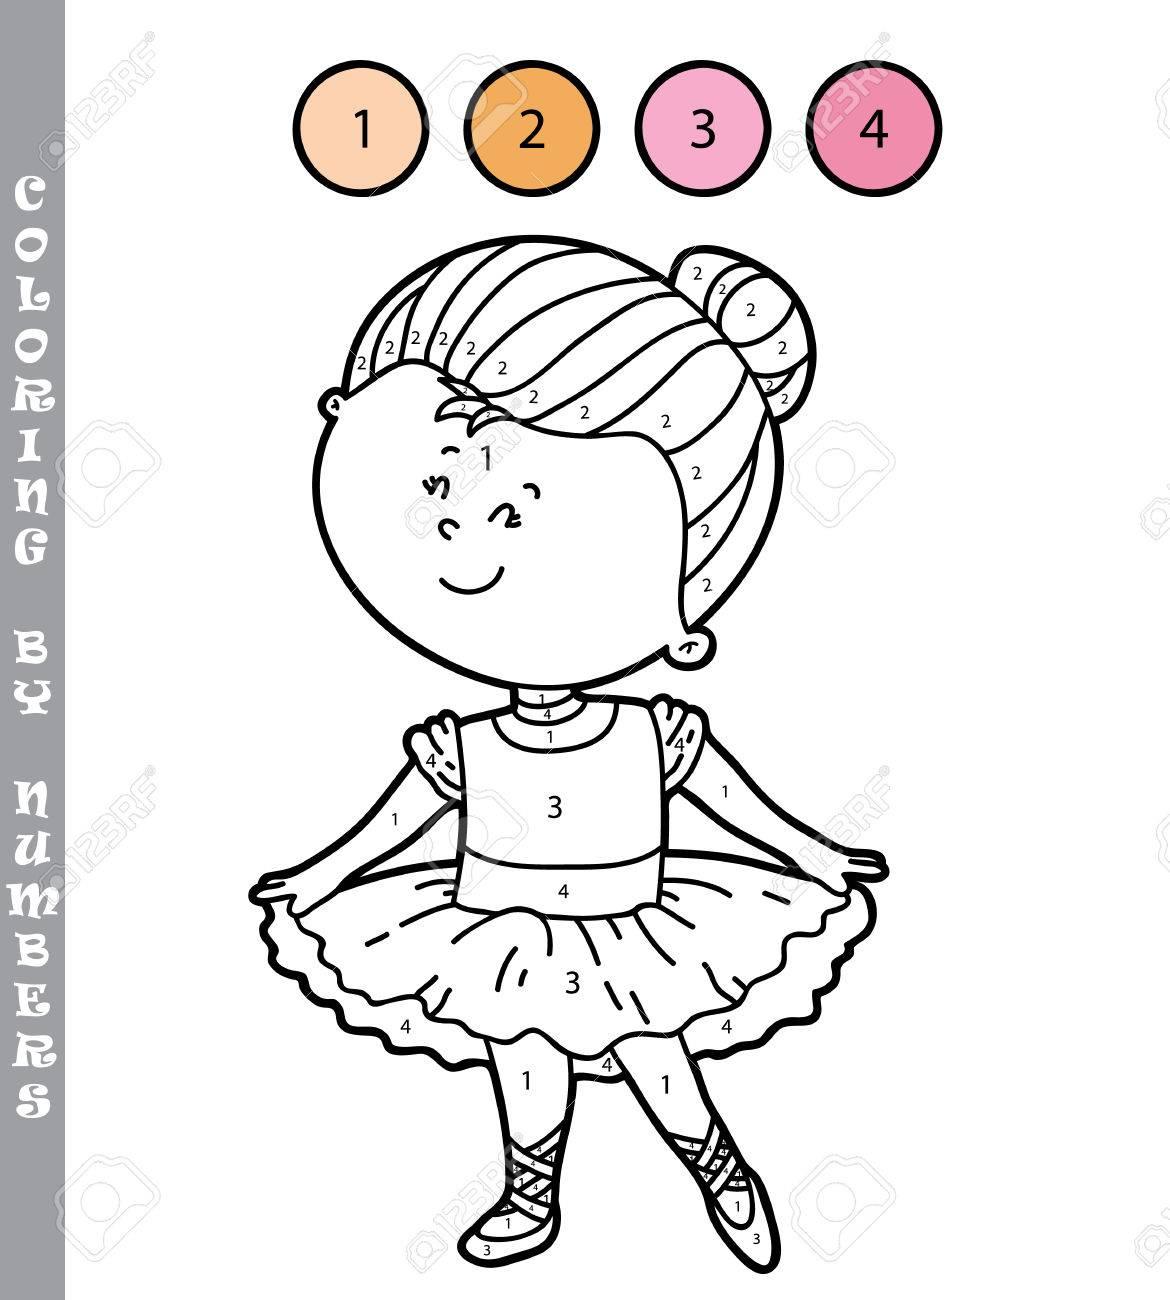 Dibujos De Ninos Animados Para Dibujar